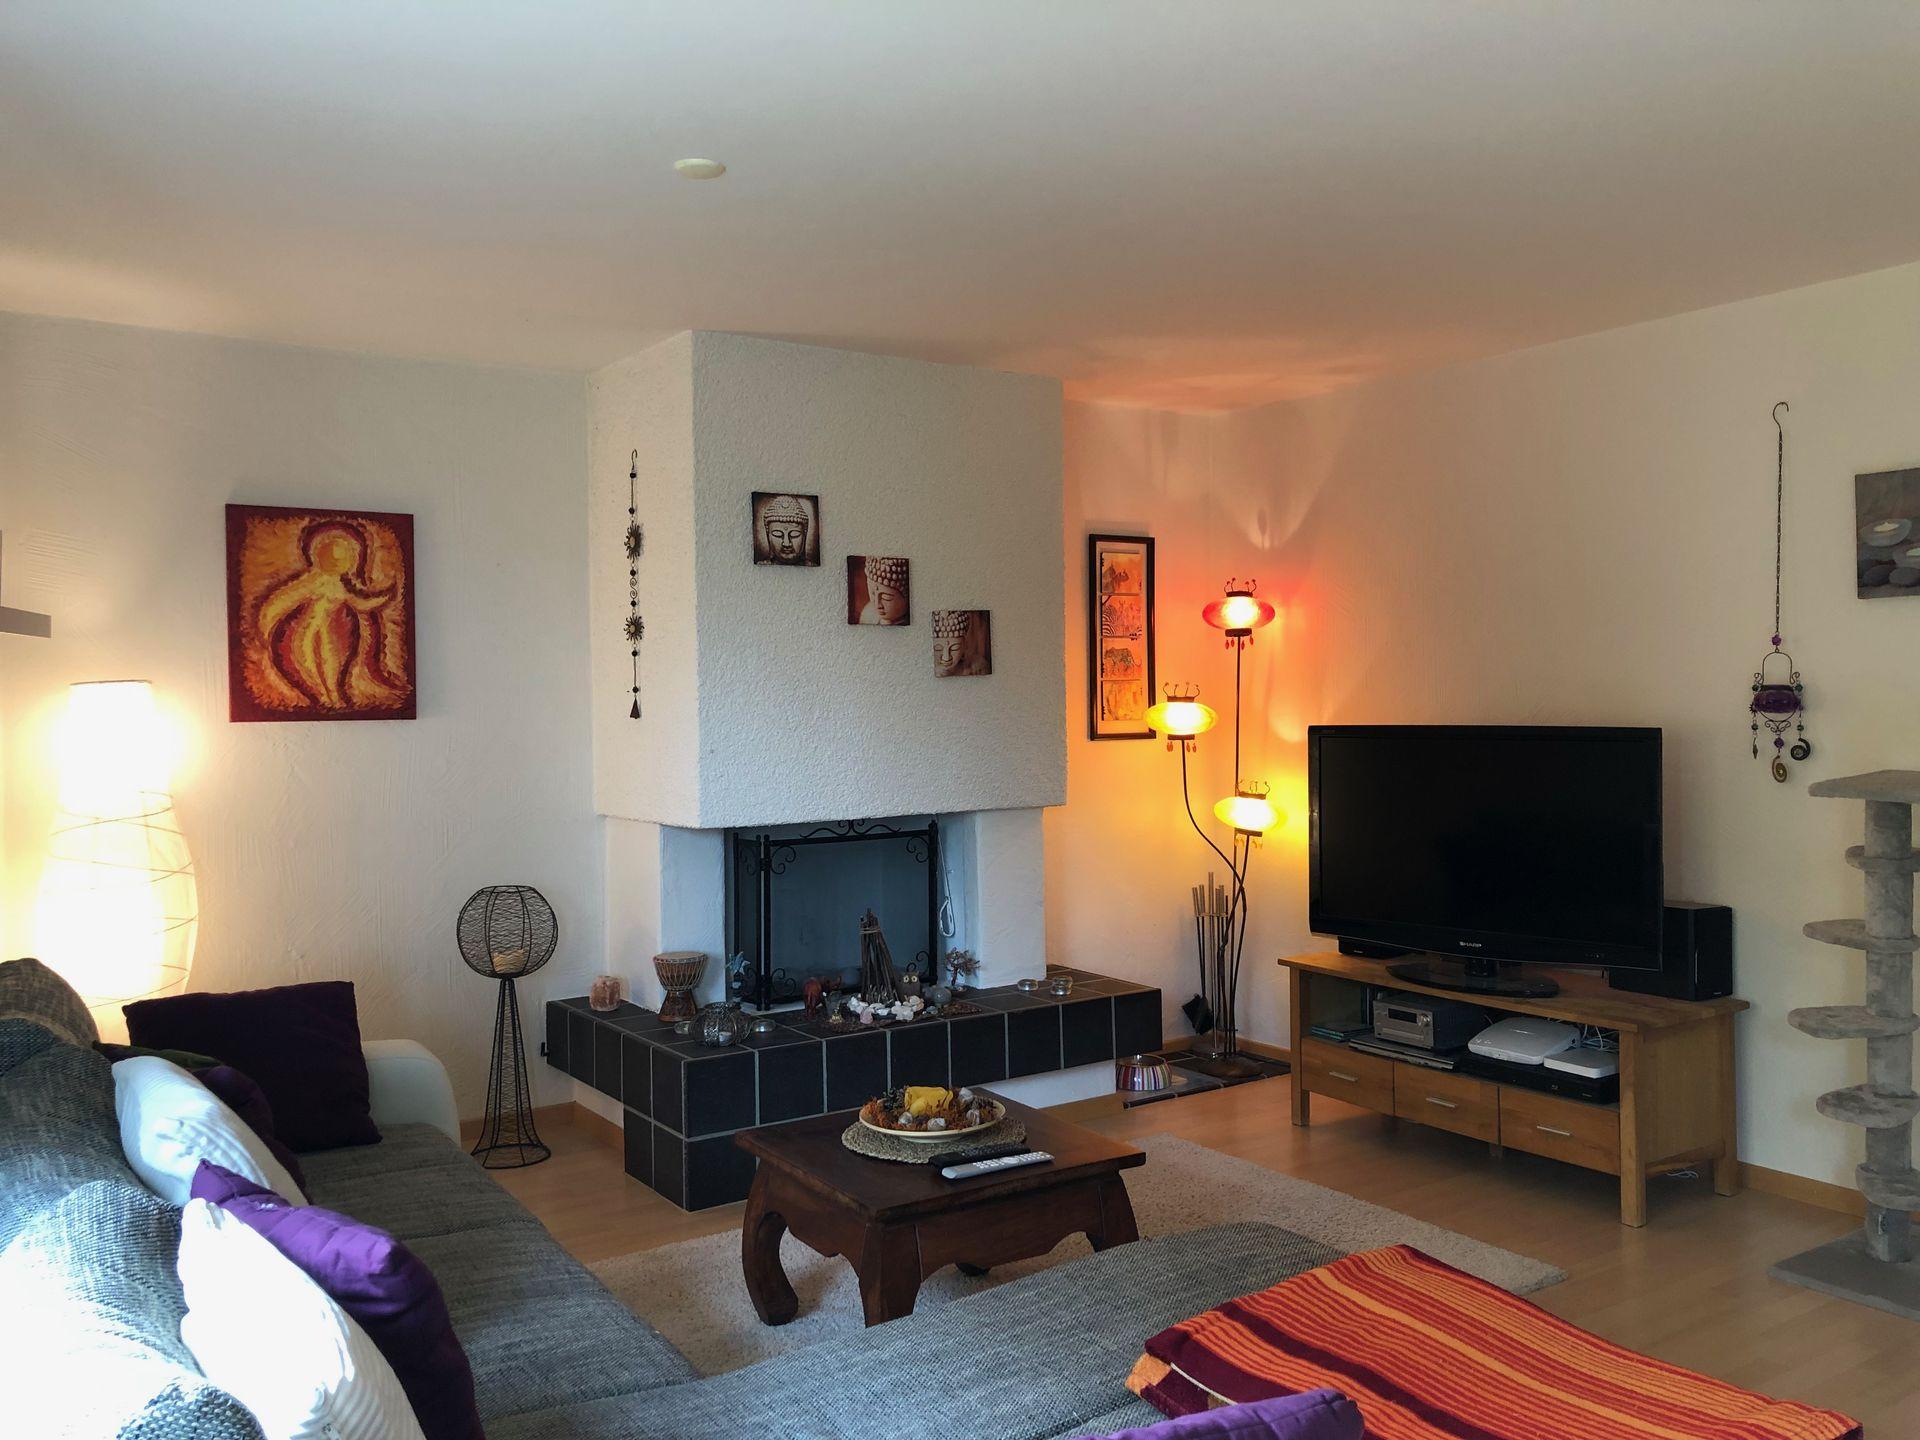 Miete: schöne und grosszügige Wohnung mit Bodenheizung